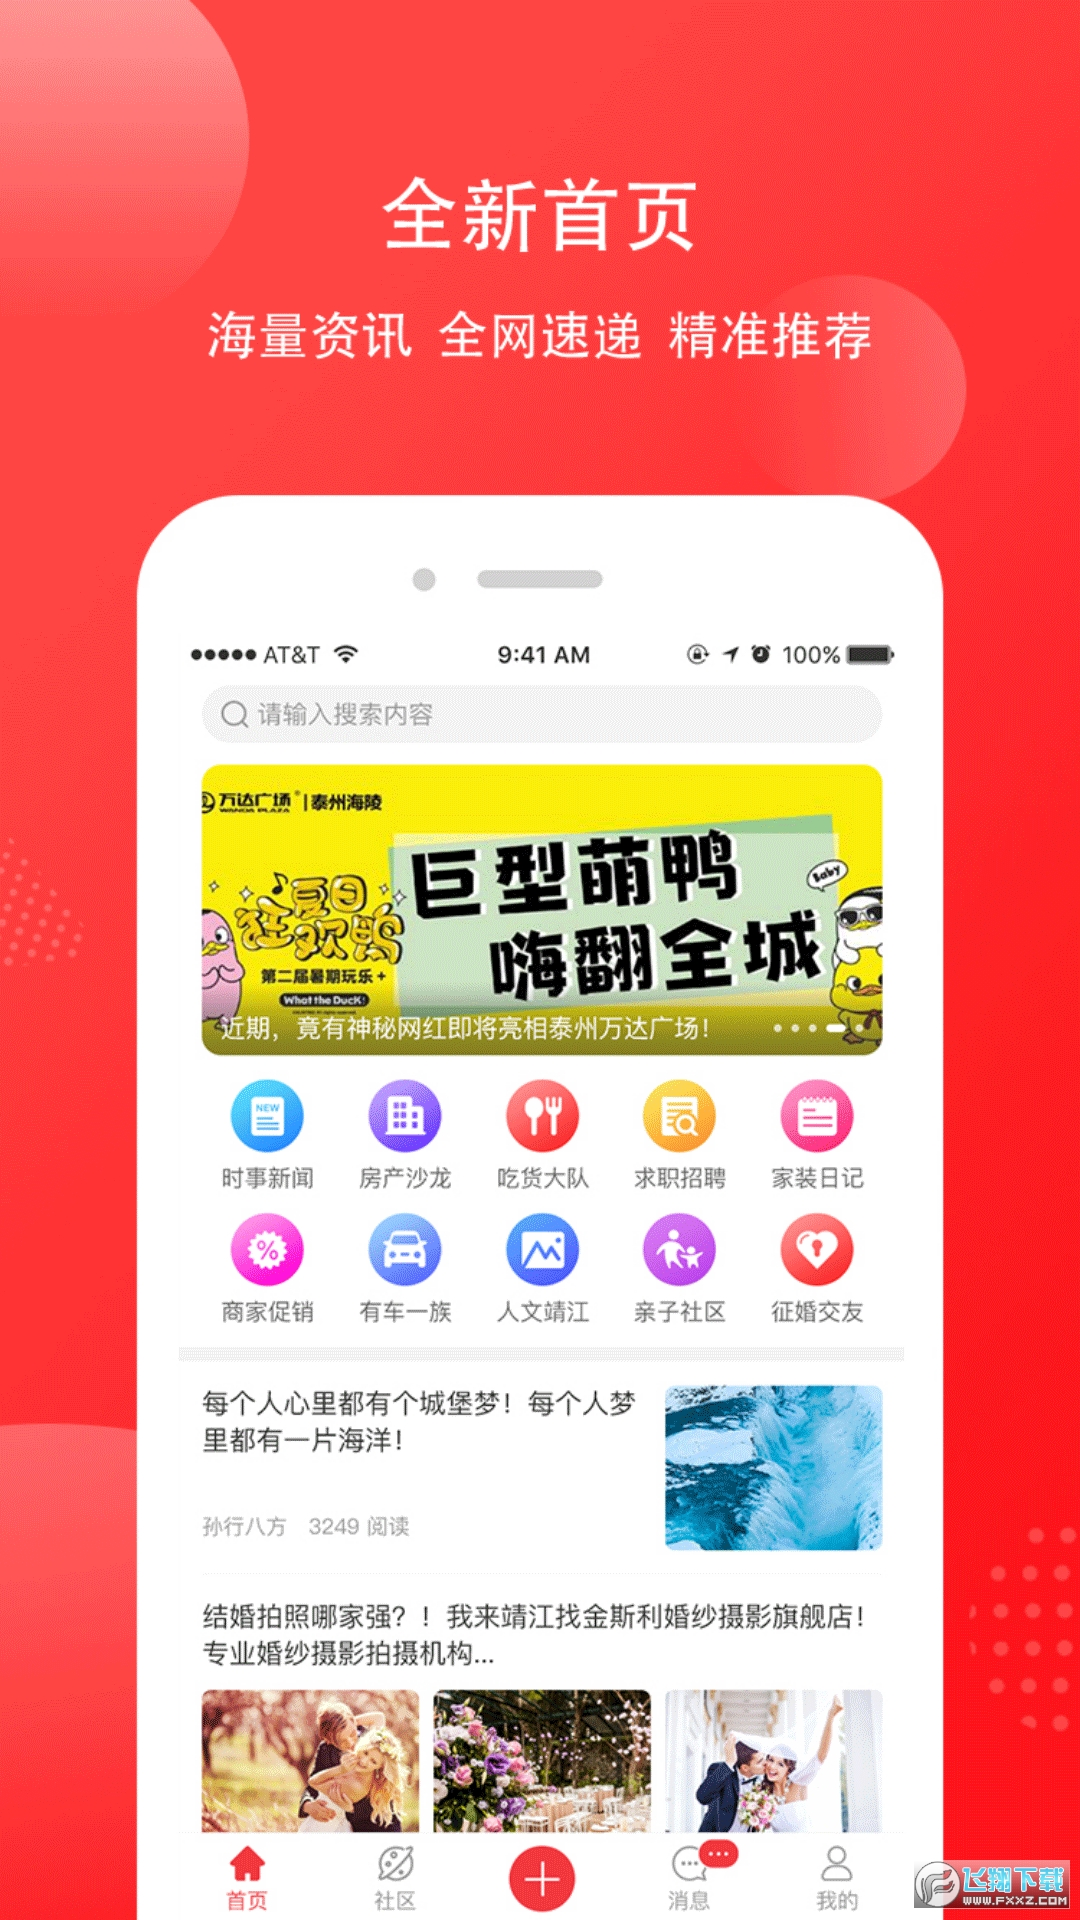 乐享靖江app最新版1.0.1官方版截图2